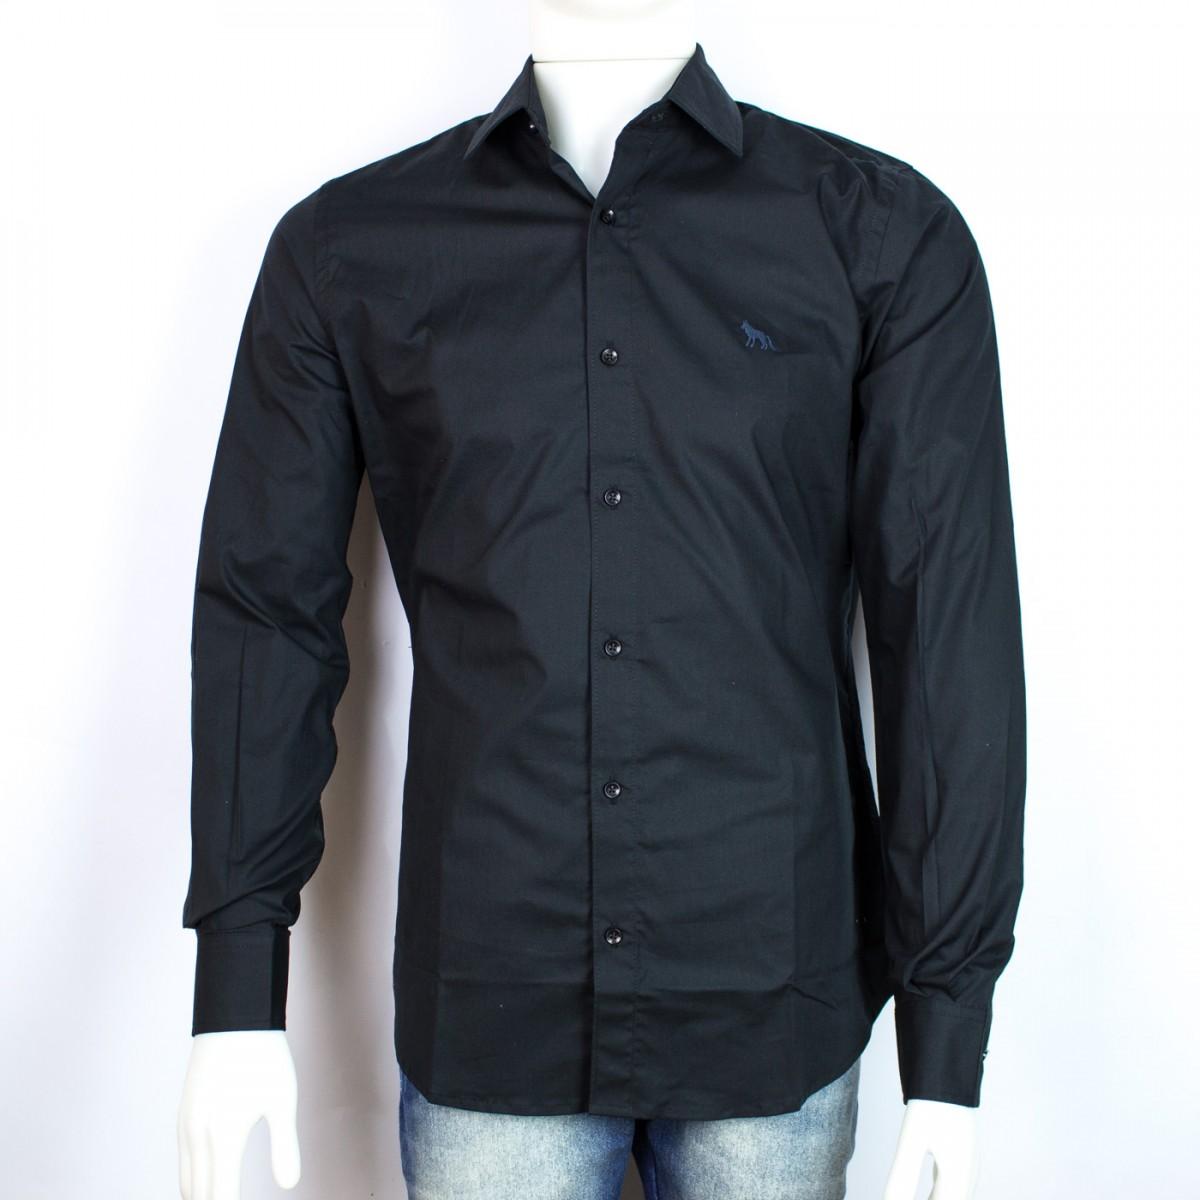 Bizz Store - Camisa Social Masculina Acostamento Branca Classic Fit 49ebc519c7642